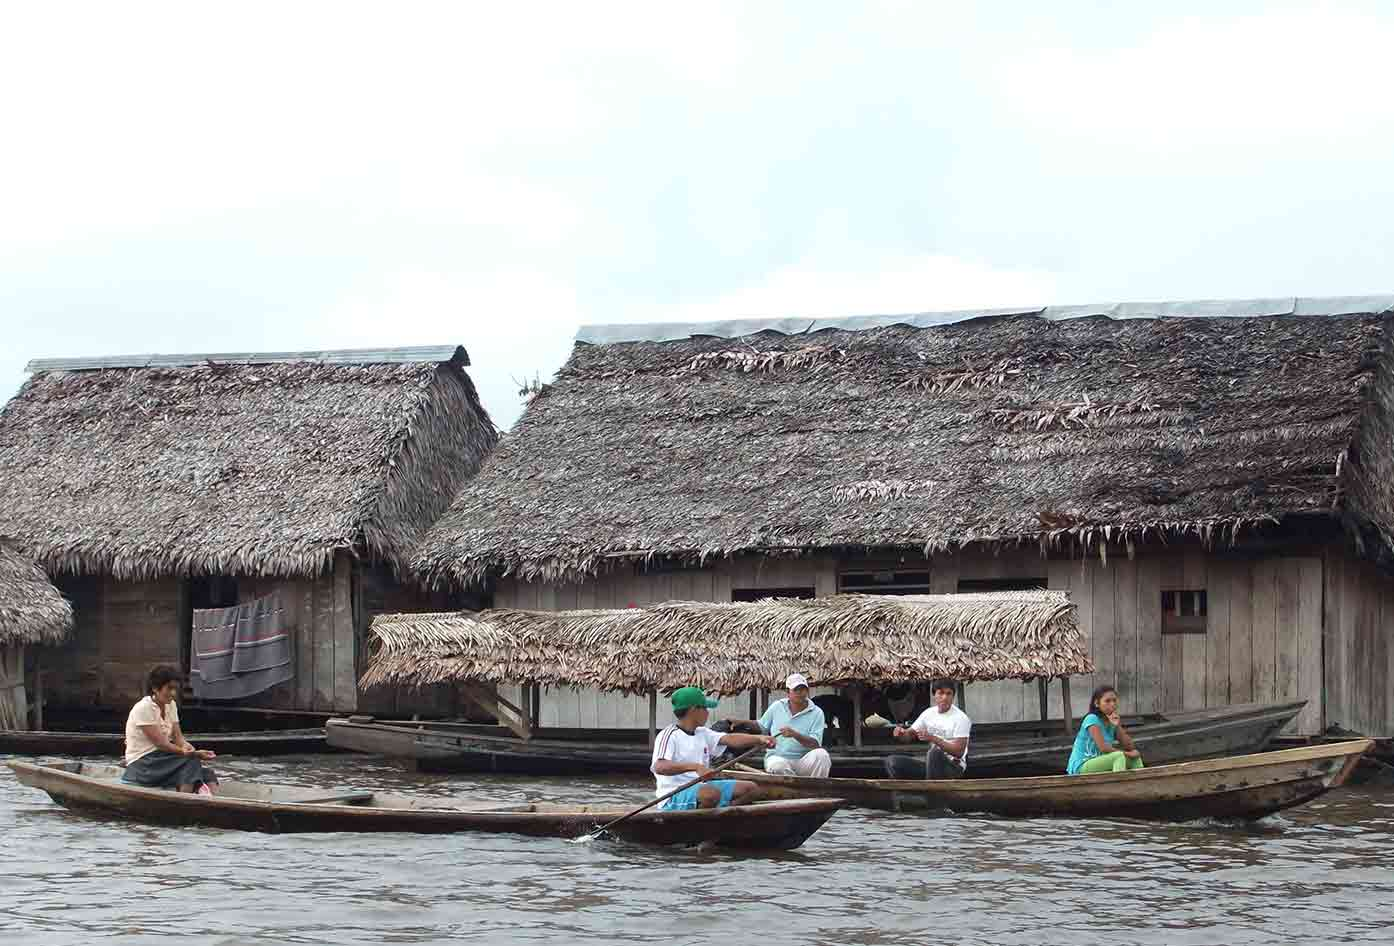 peru amazon river boat